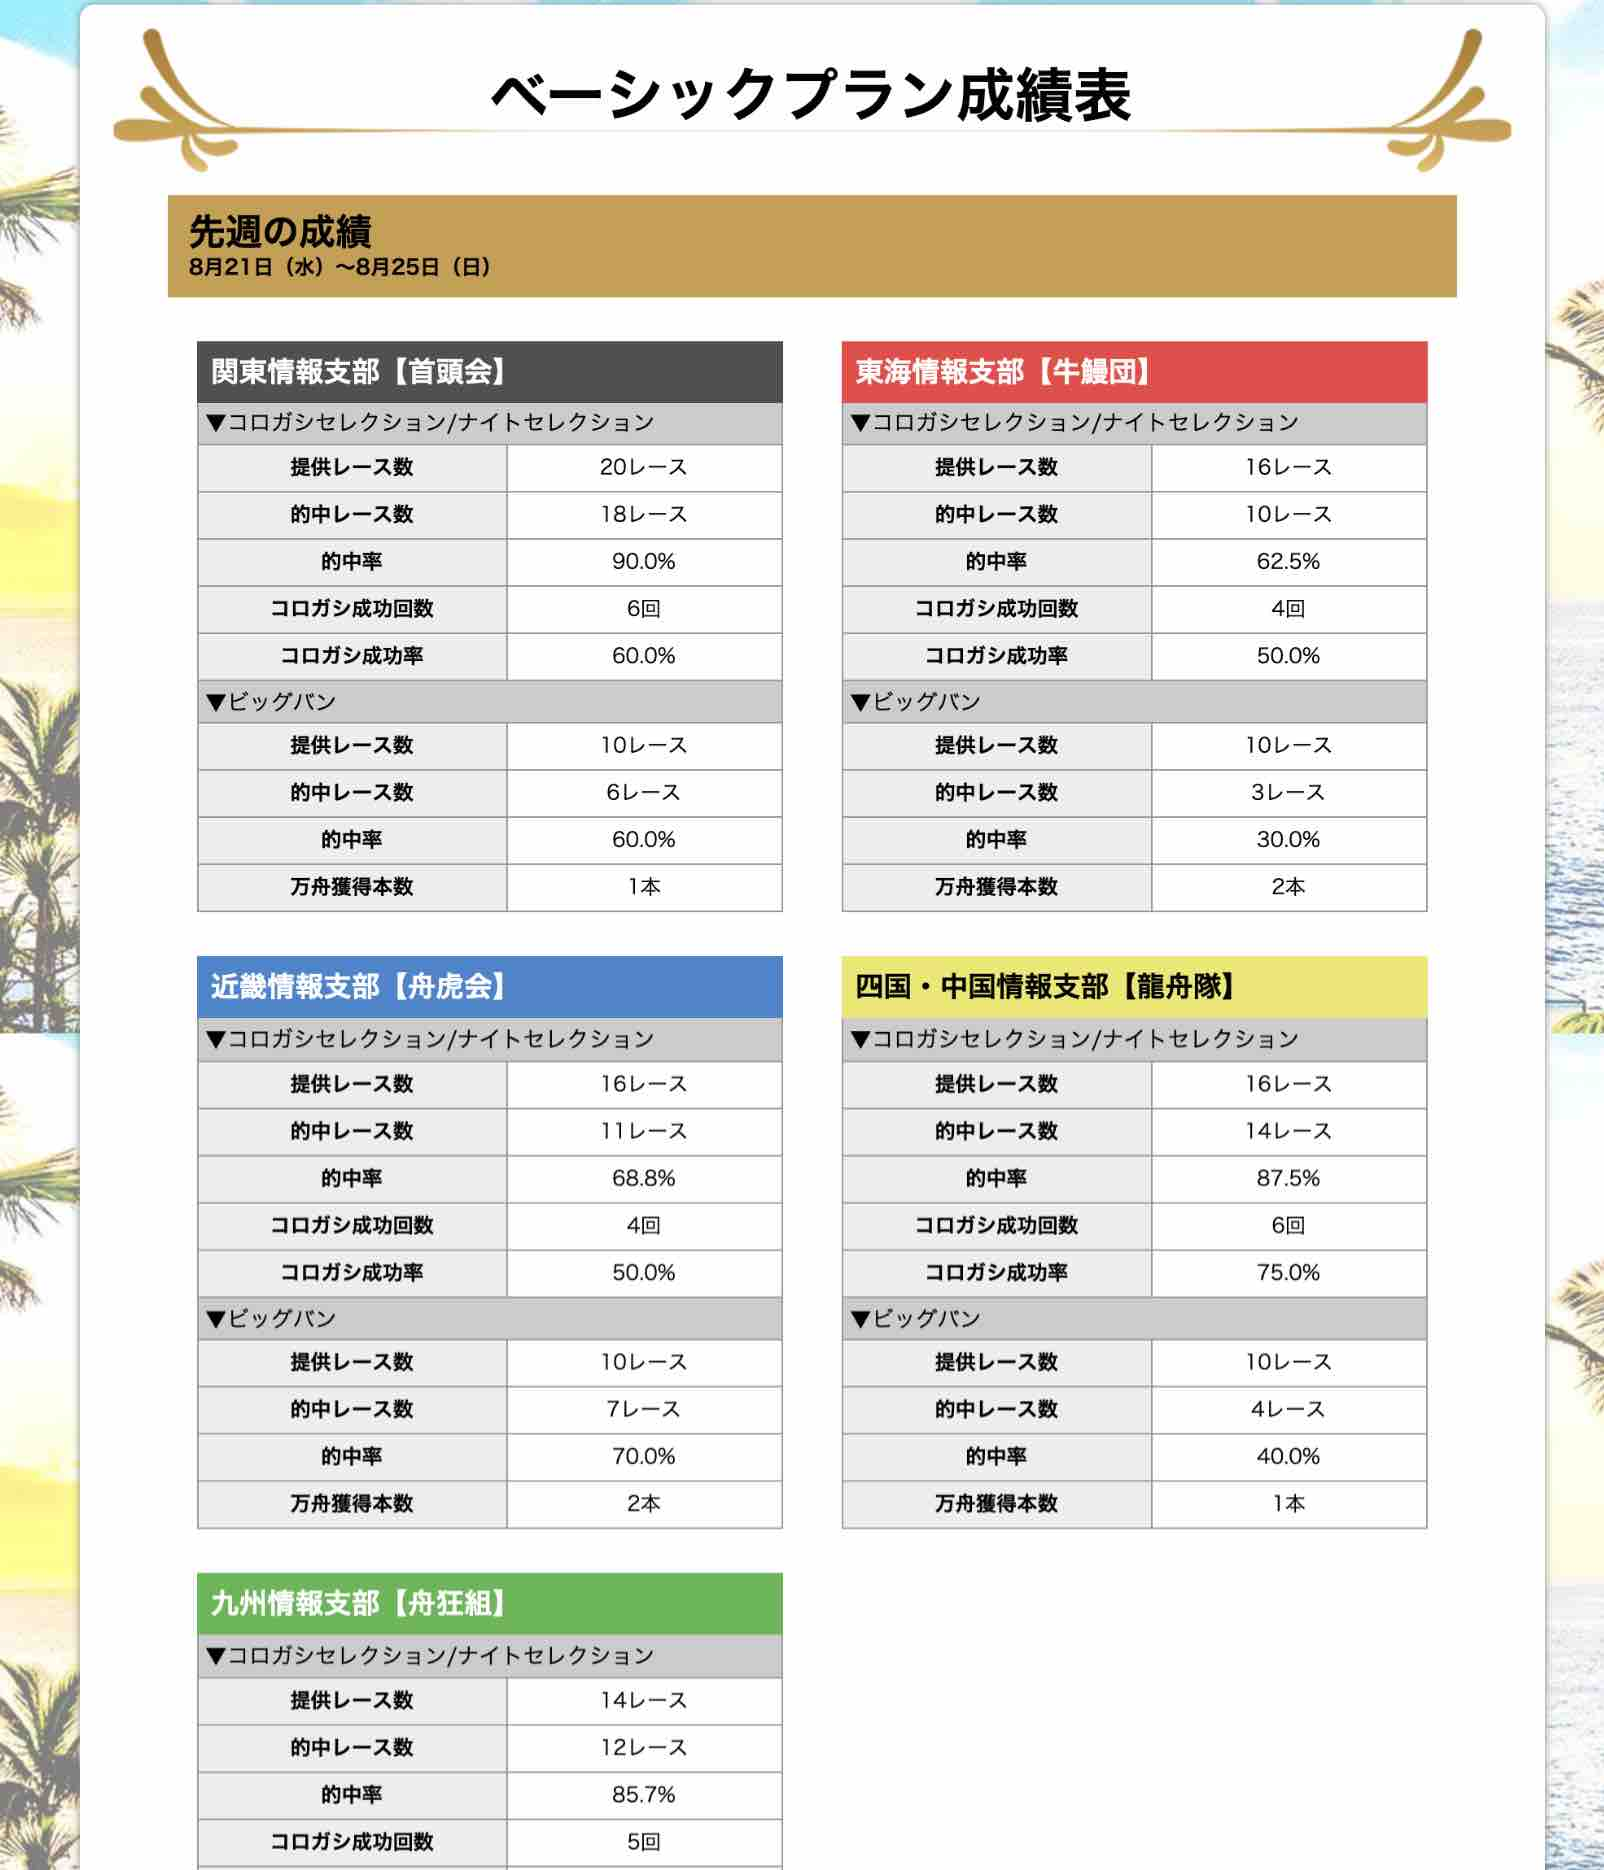 ボートキングダムという競艇予想サイトのベーシックプラン成績表という無料コンテンツ